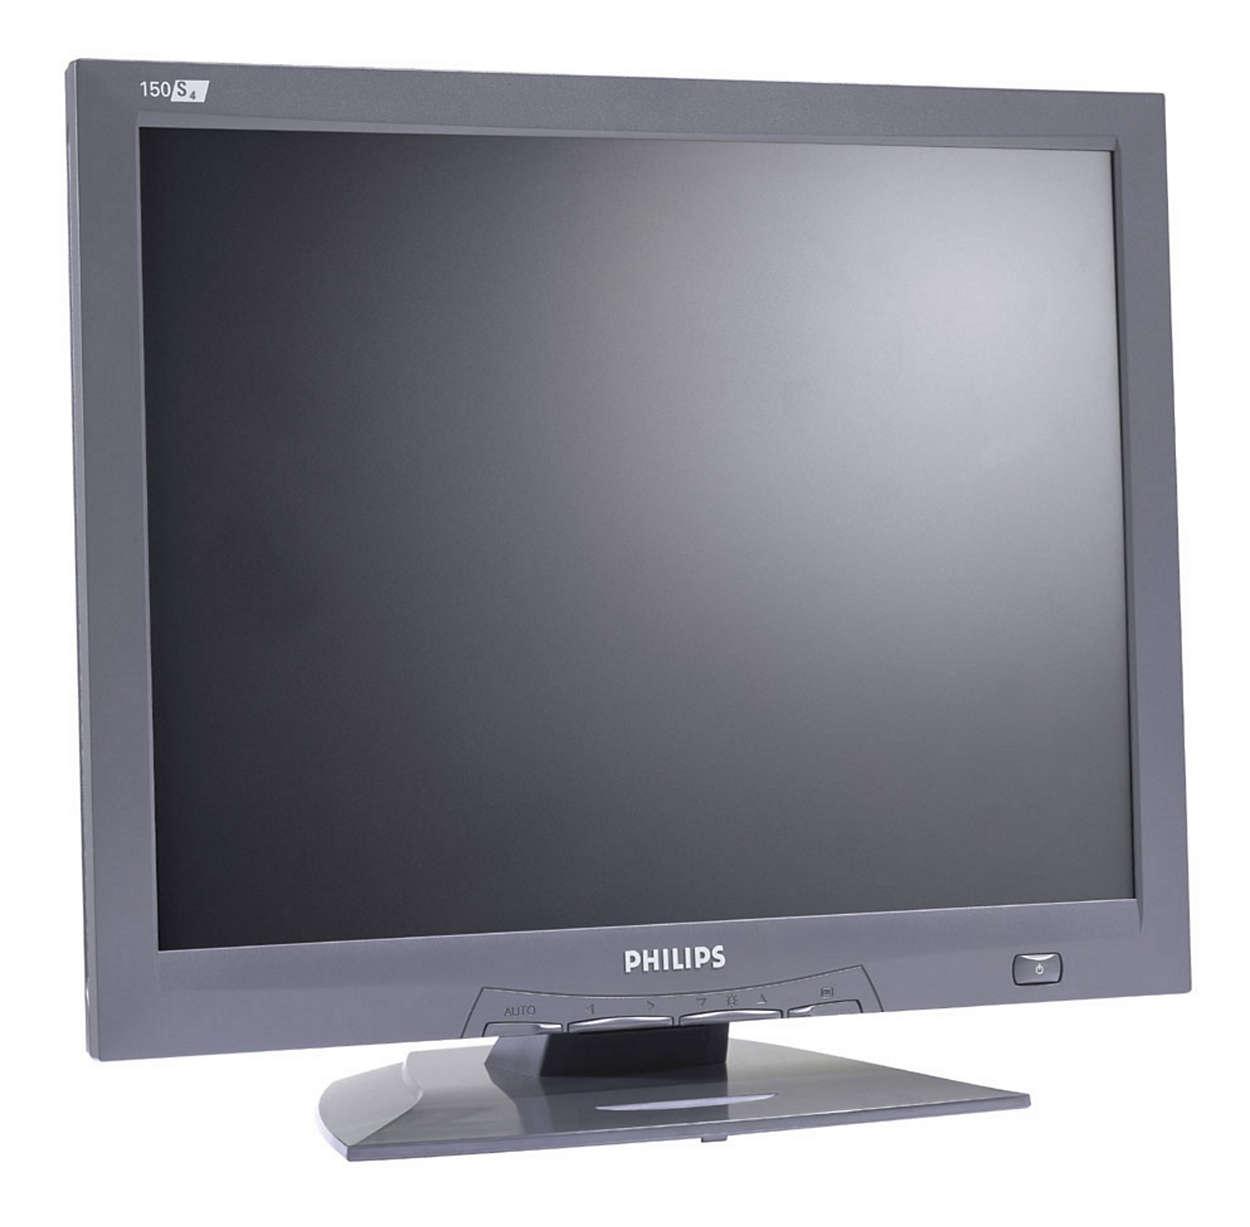 Monitor compacto de preço acessível